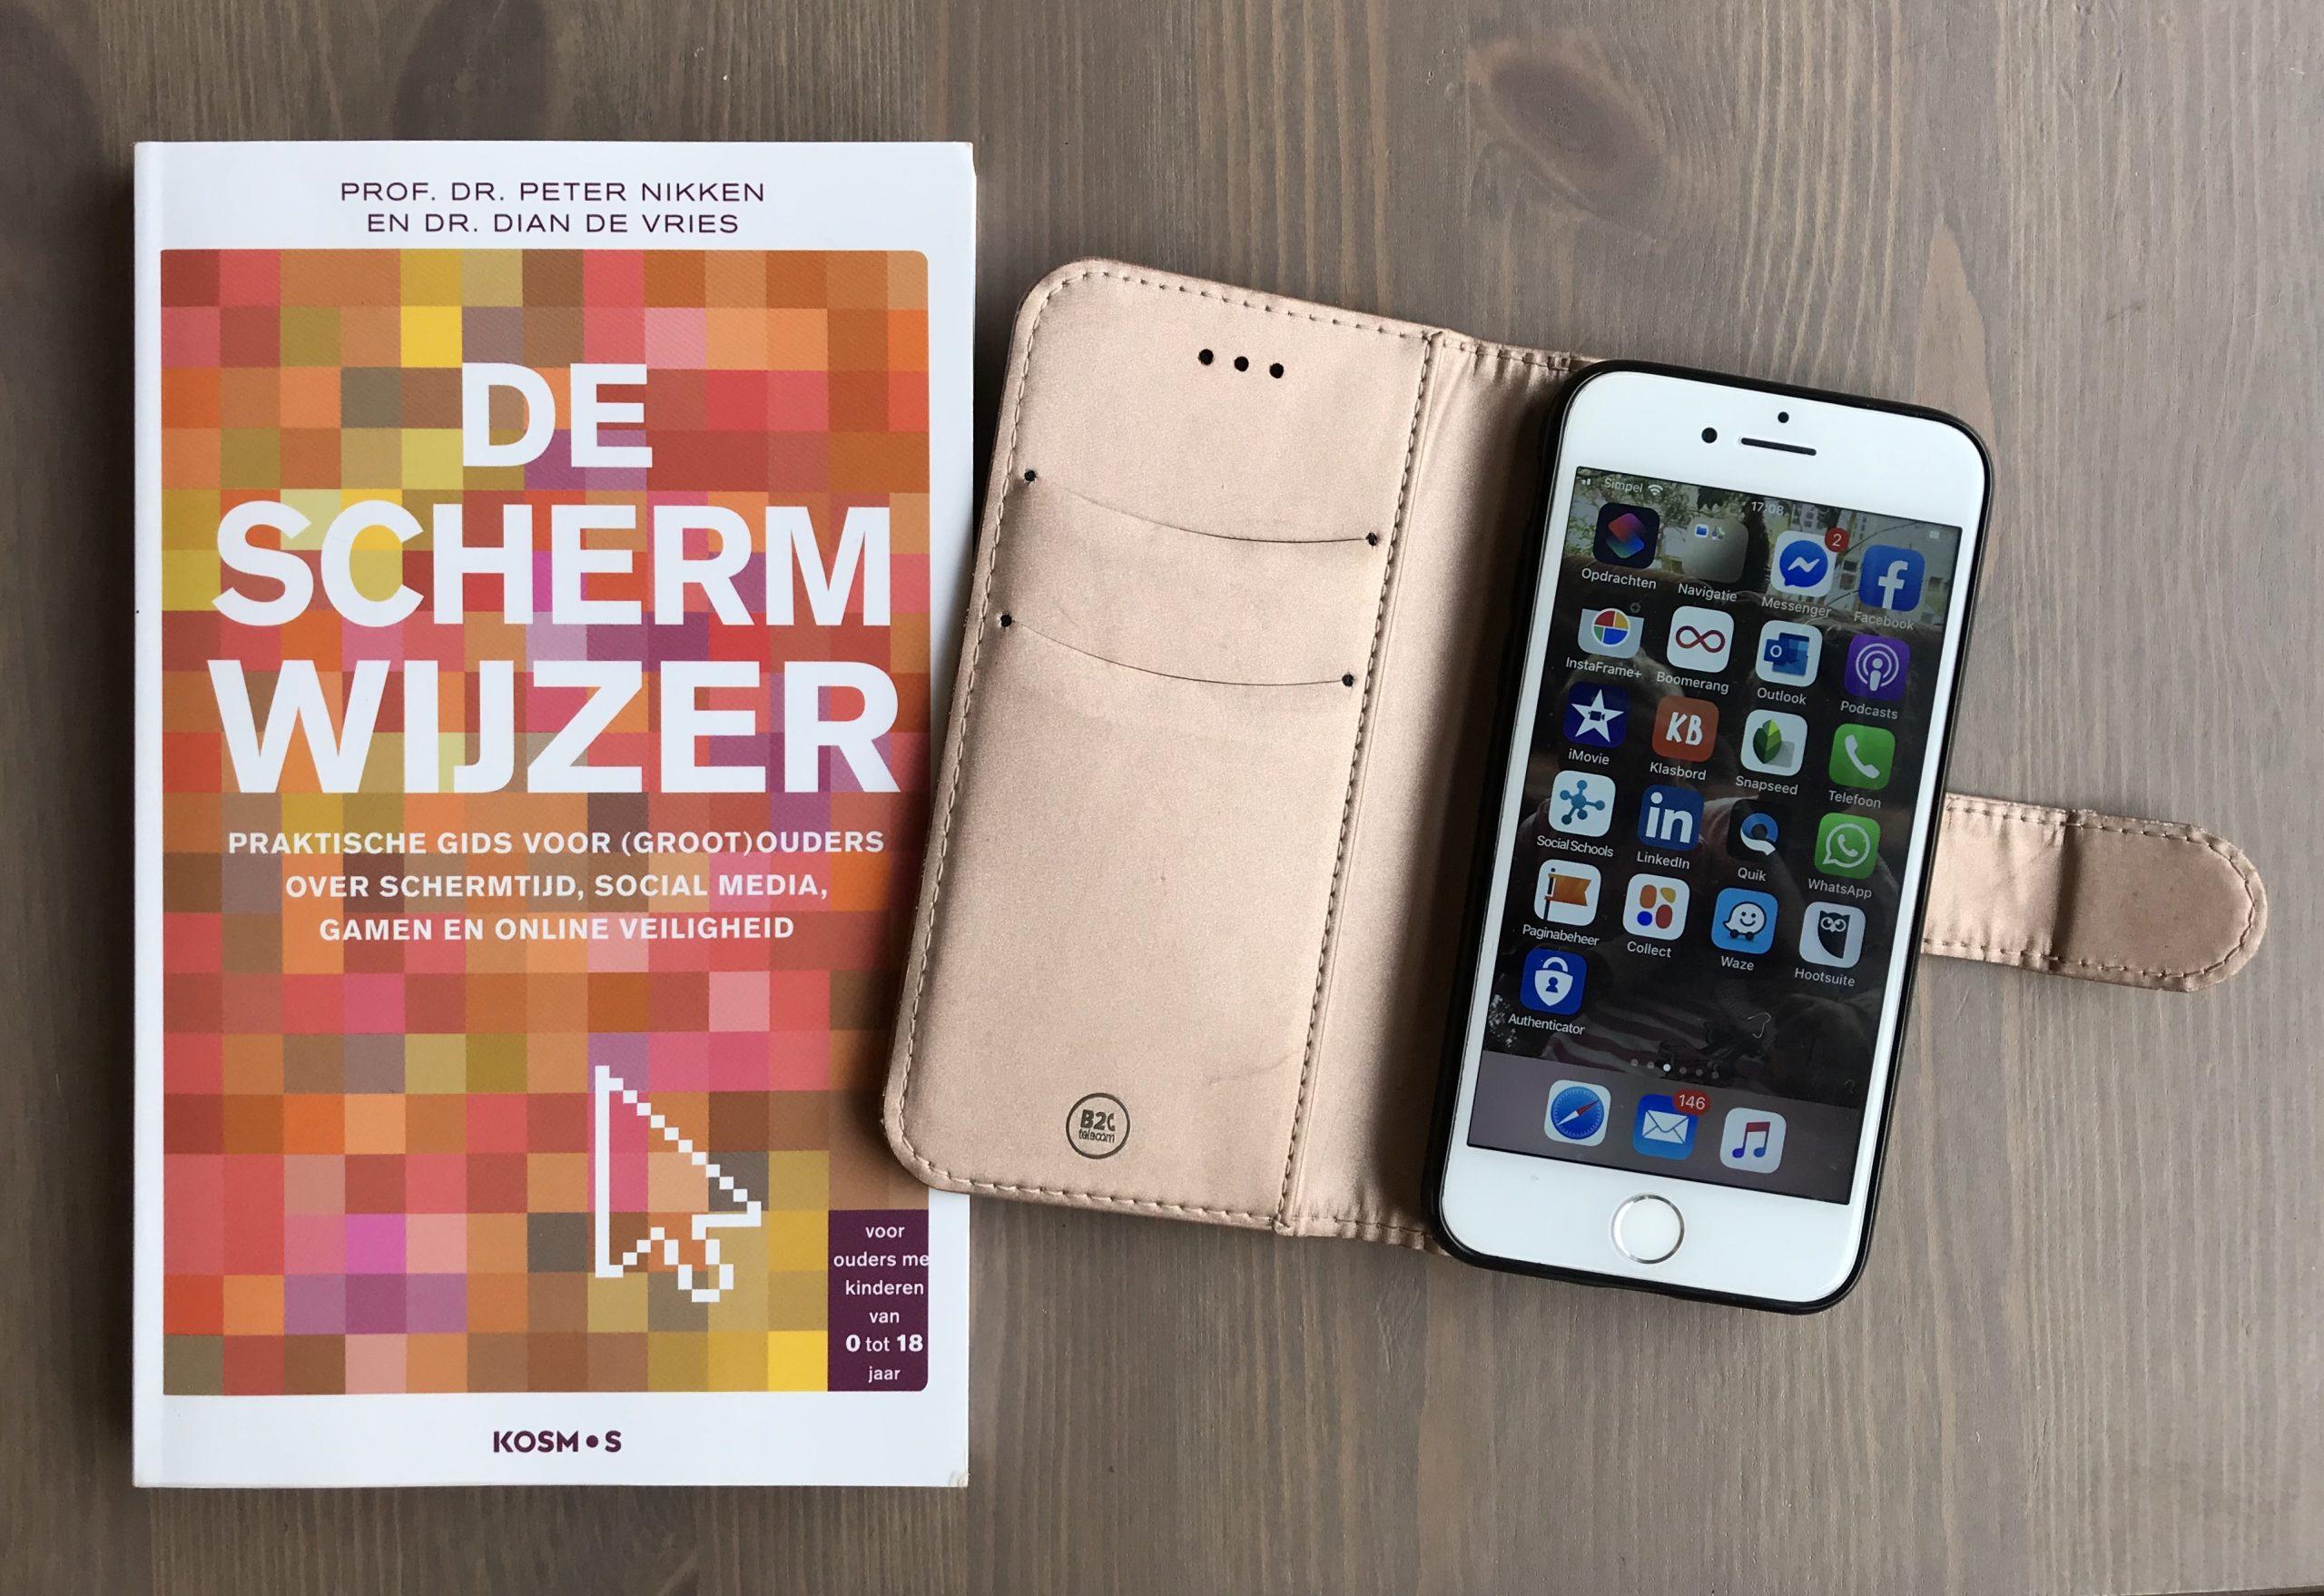 Boekomslag de Scherwijzer plus opengeslagen cover met mobiel